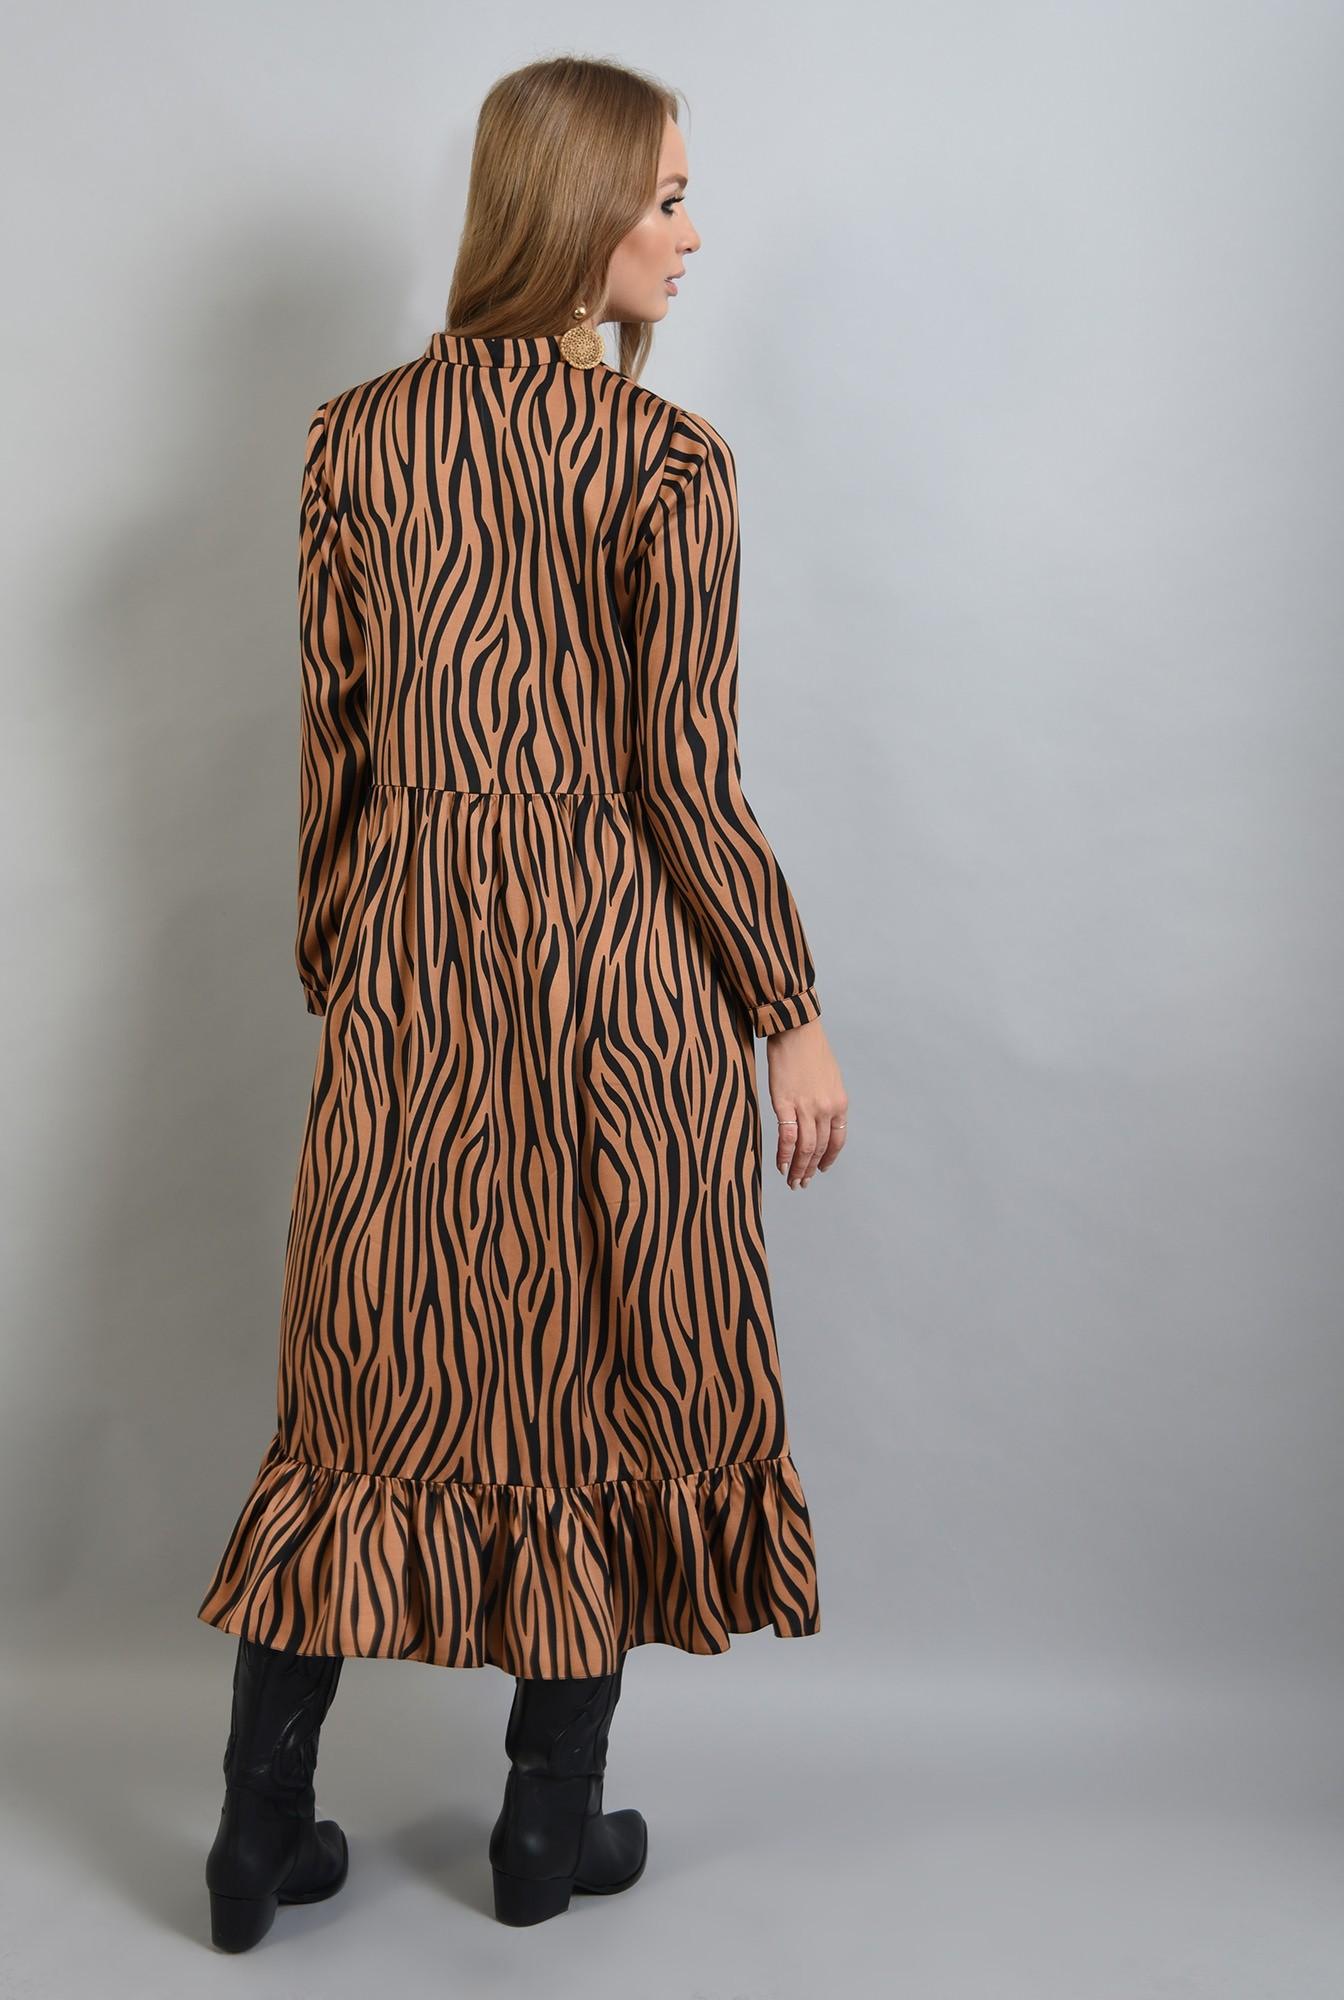 2 - rochie din satin, cu imprimeu, maneci lungi, anchior, zebra